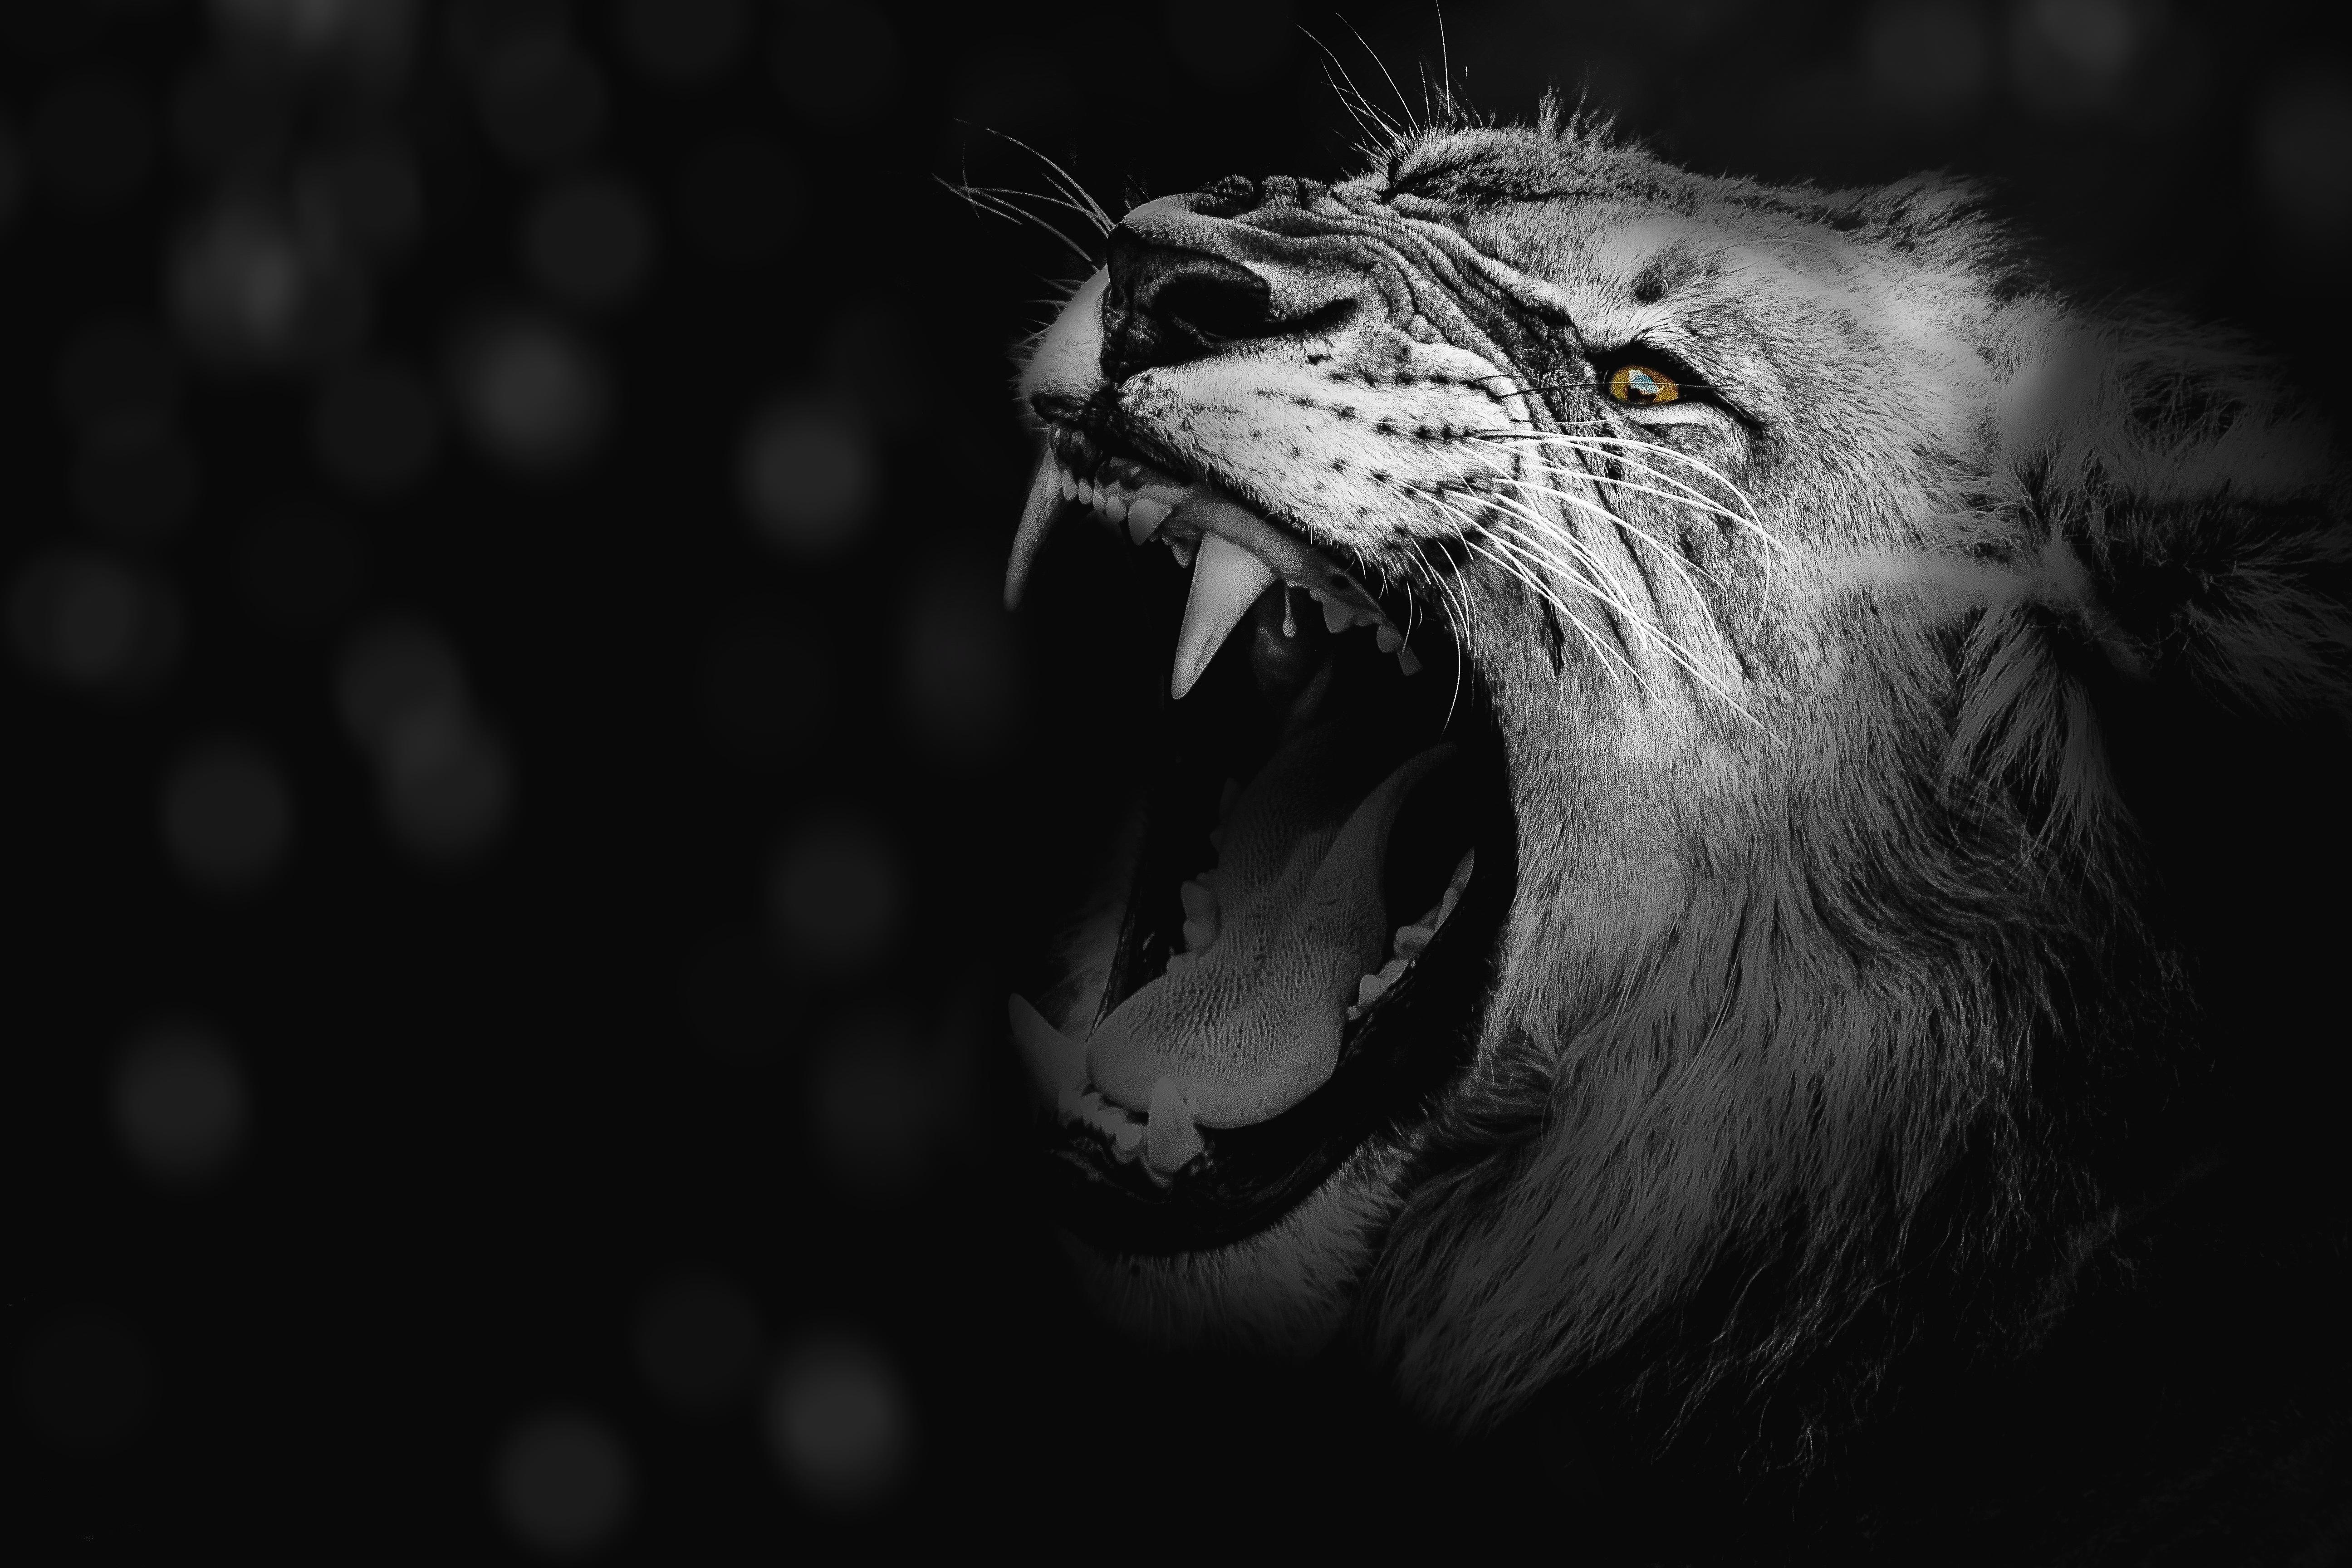 131743 Hintergrundbild 128x160 kostenlos auf deinem Handy, lade Bilder Tiere, Grinsen, Grin, Ein Löwe, Löwe, Raubtier, Predator, Bw, Chb, Fangzähne, Zähne, König Der Bestien 128x160 auf dein Handy herunter